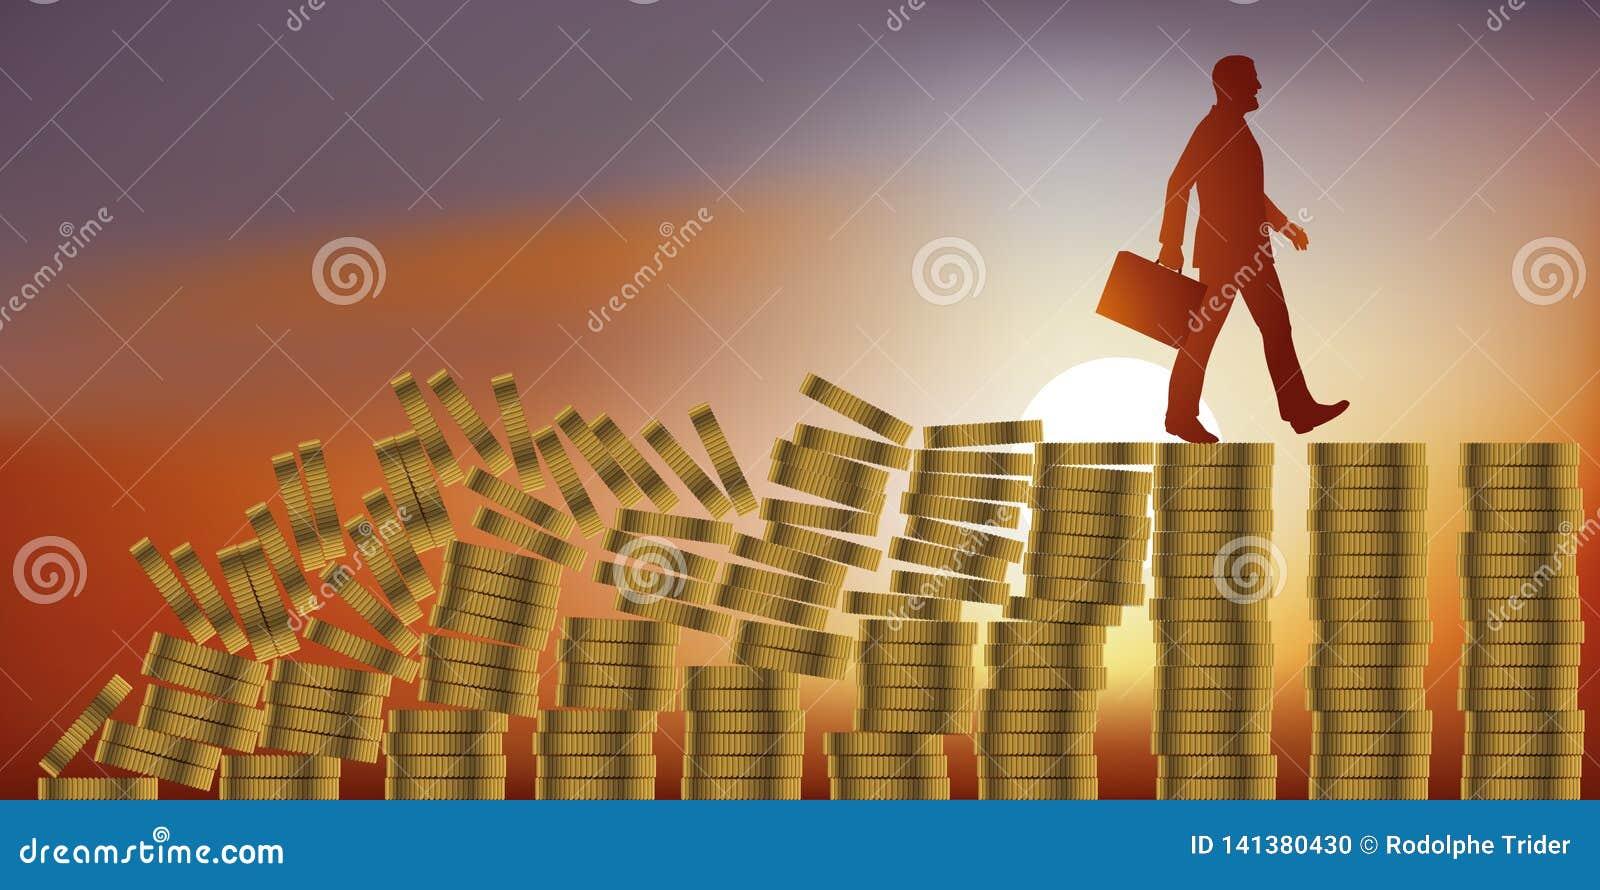 Concept de l effet de domino avec un financier crédule qui ne voit pas la crise économique derrière lui